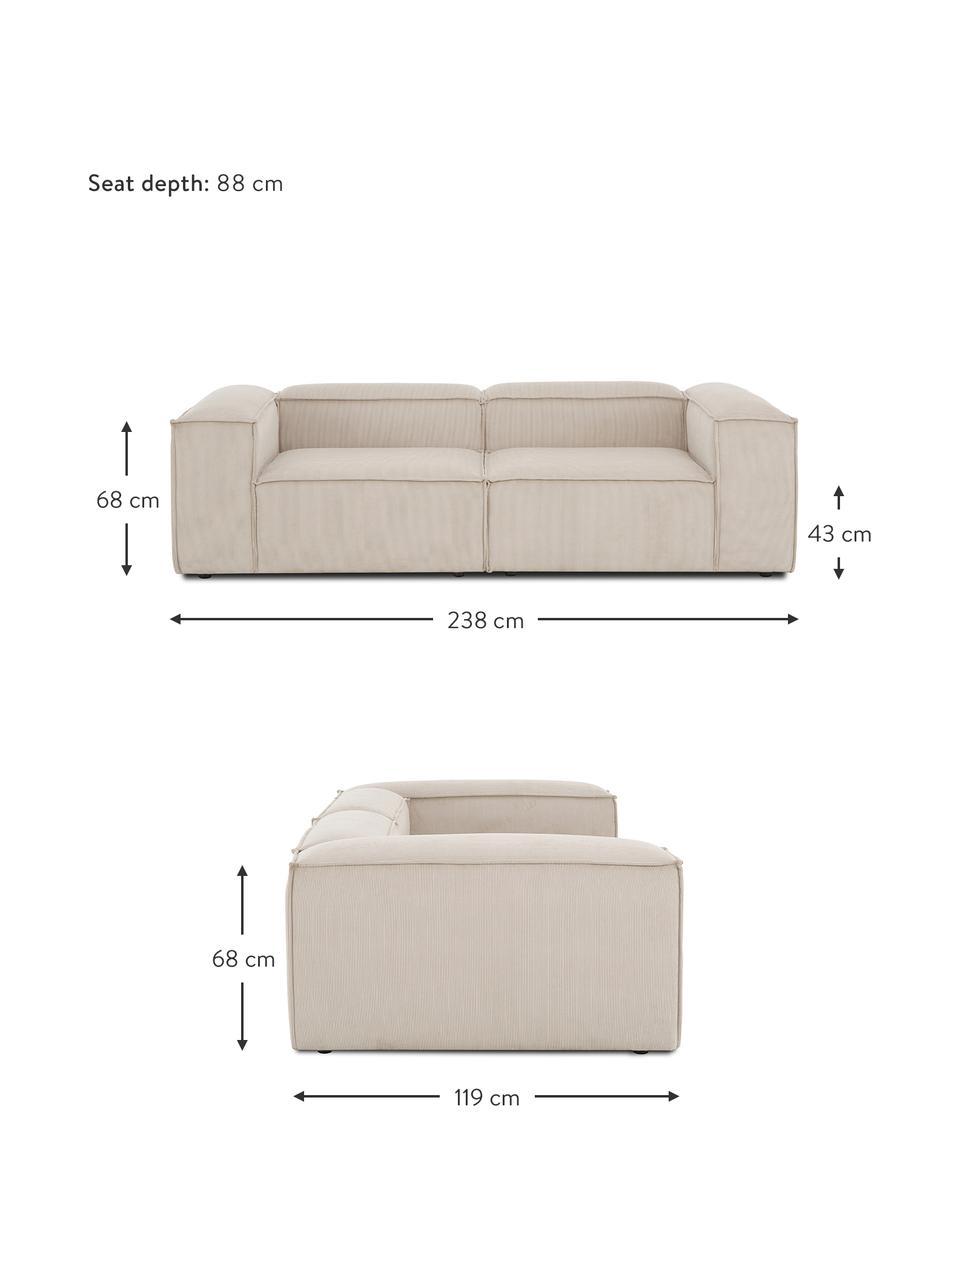 Canapé modulable 3 places velours côtelé beige Lennon, Velours côtelé beige